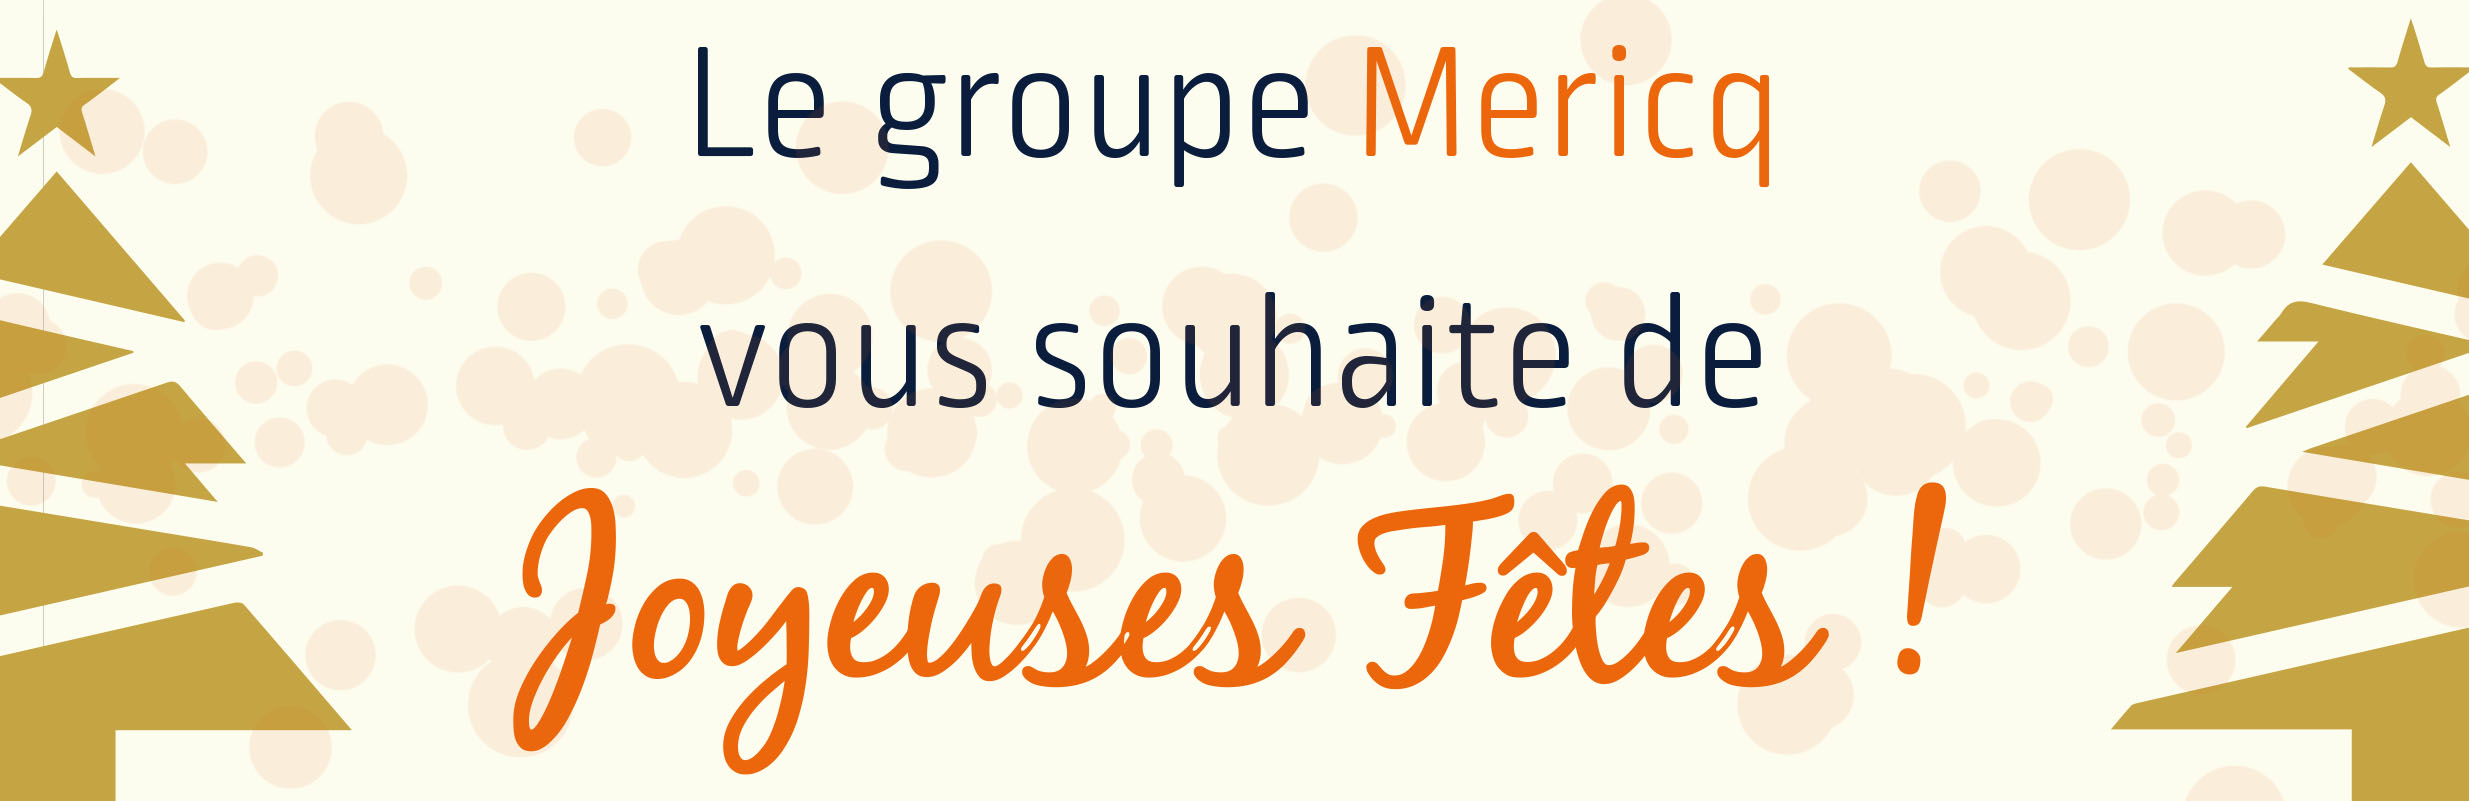 Bonnes fêtes de fin d'année chez Mericq !